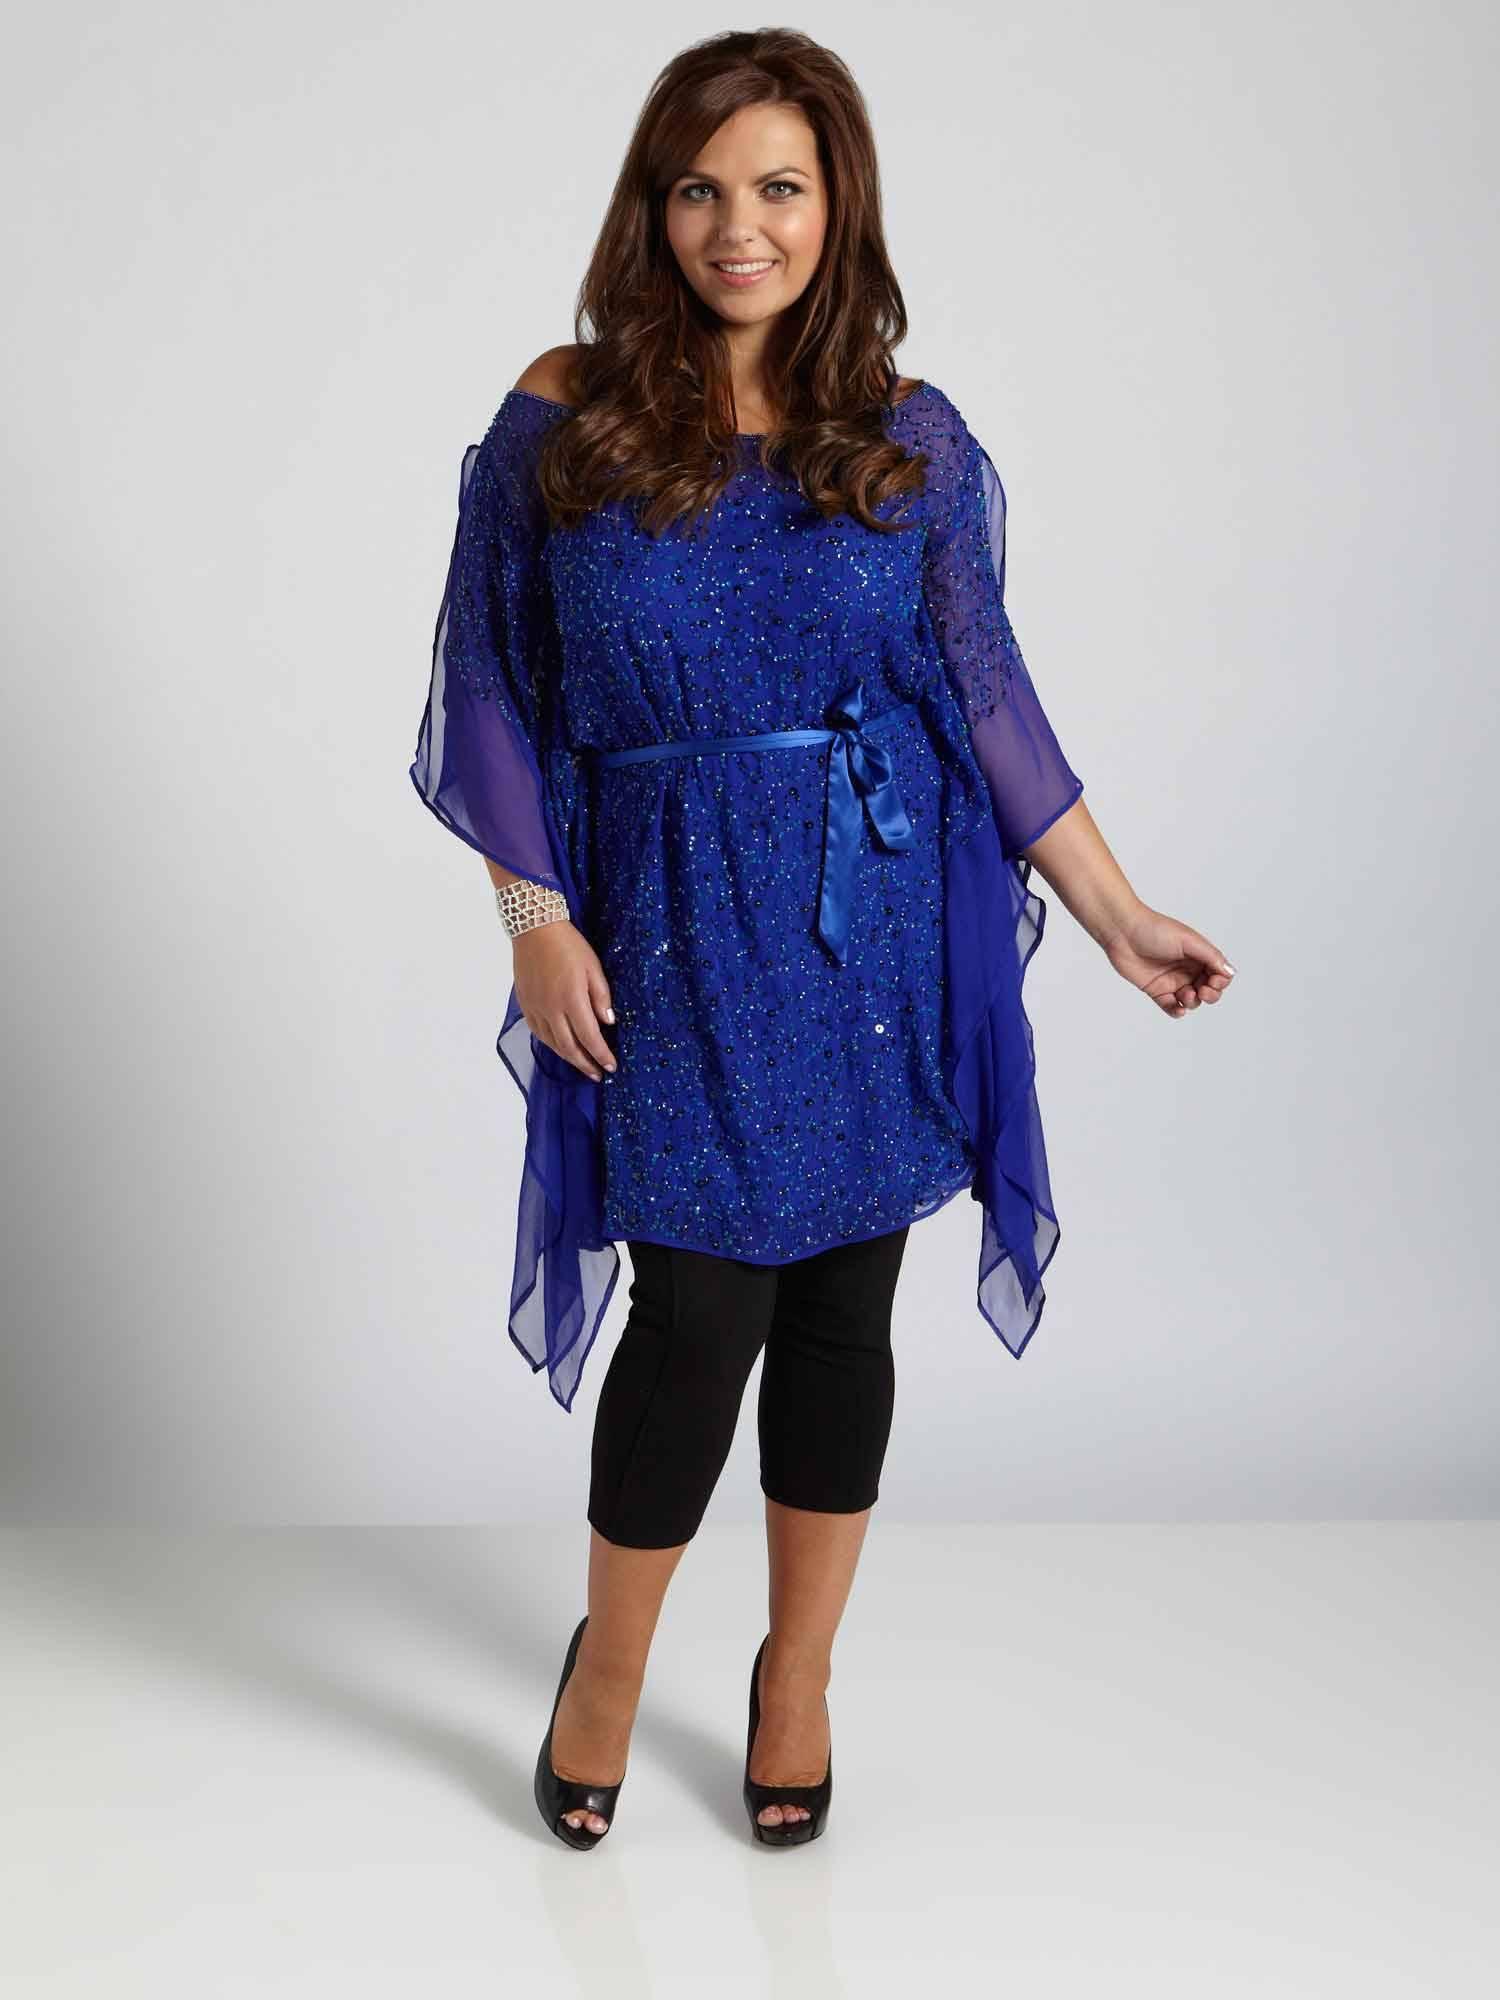 Купить платья туники для полных женщин